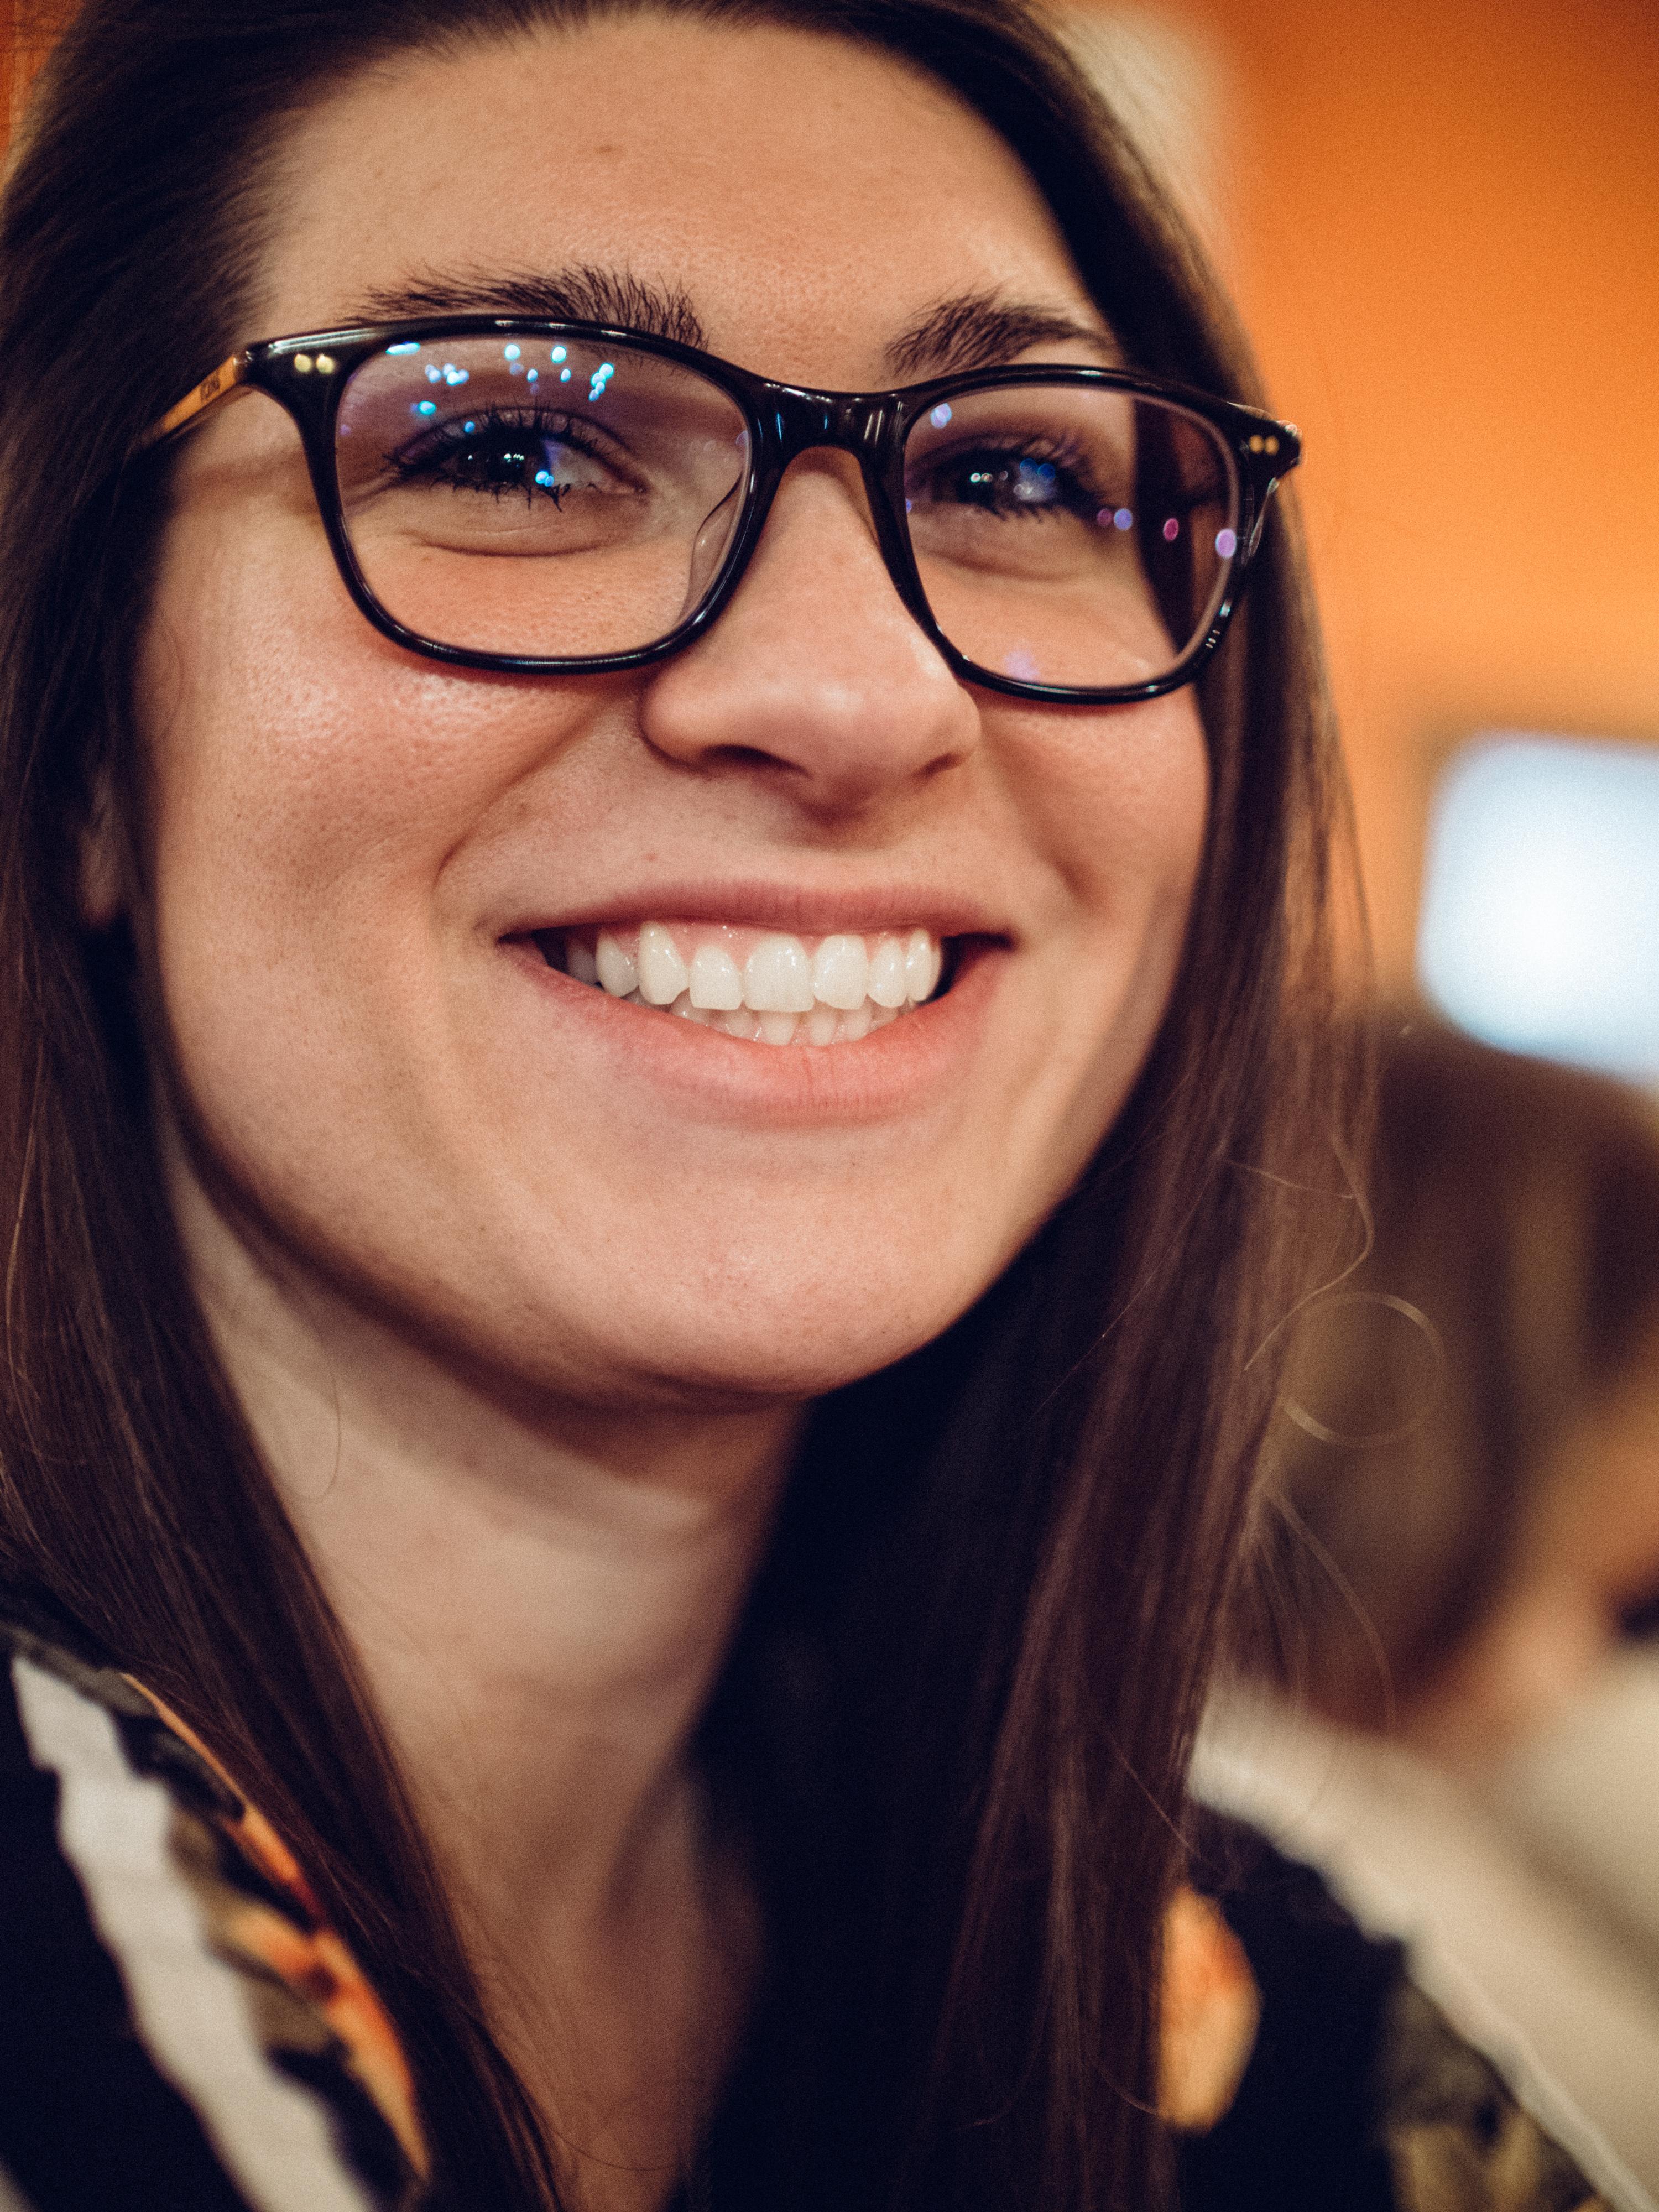 Allisoninlove